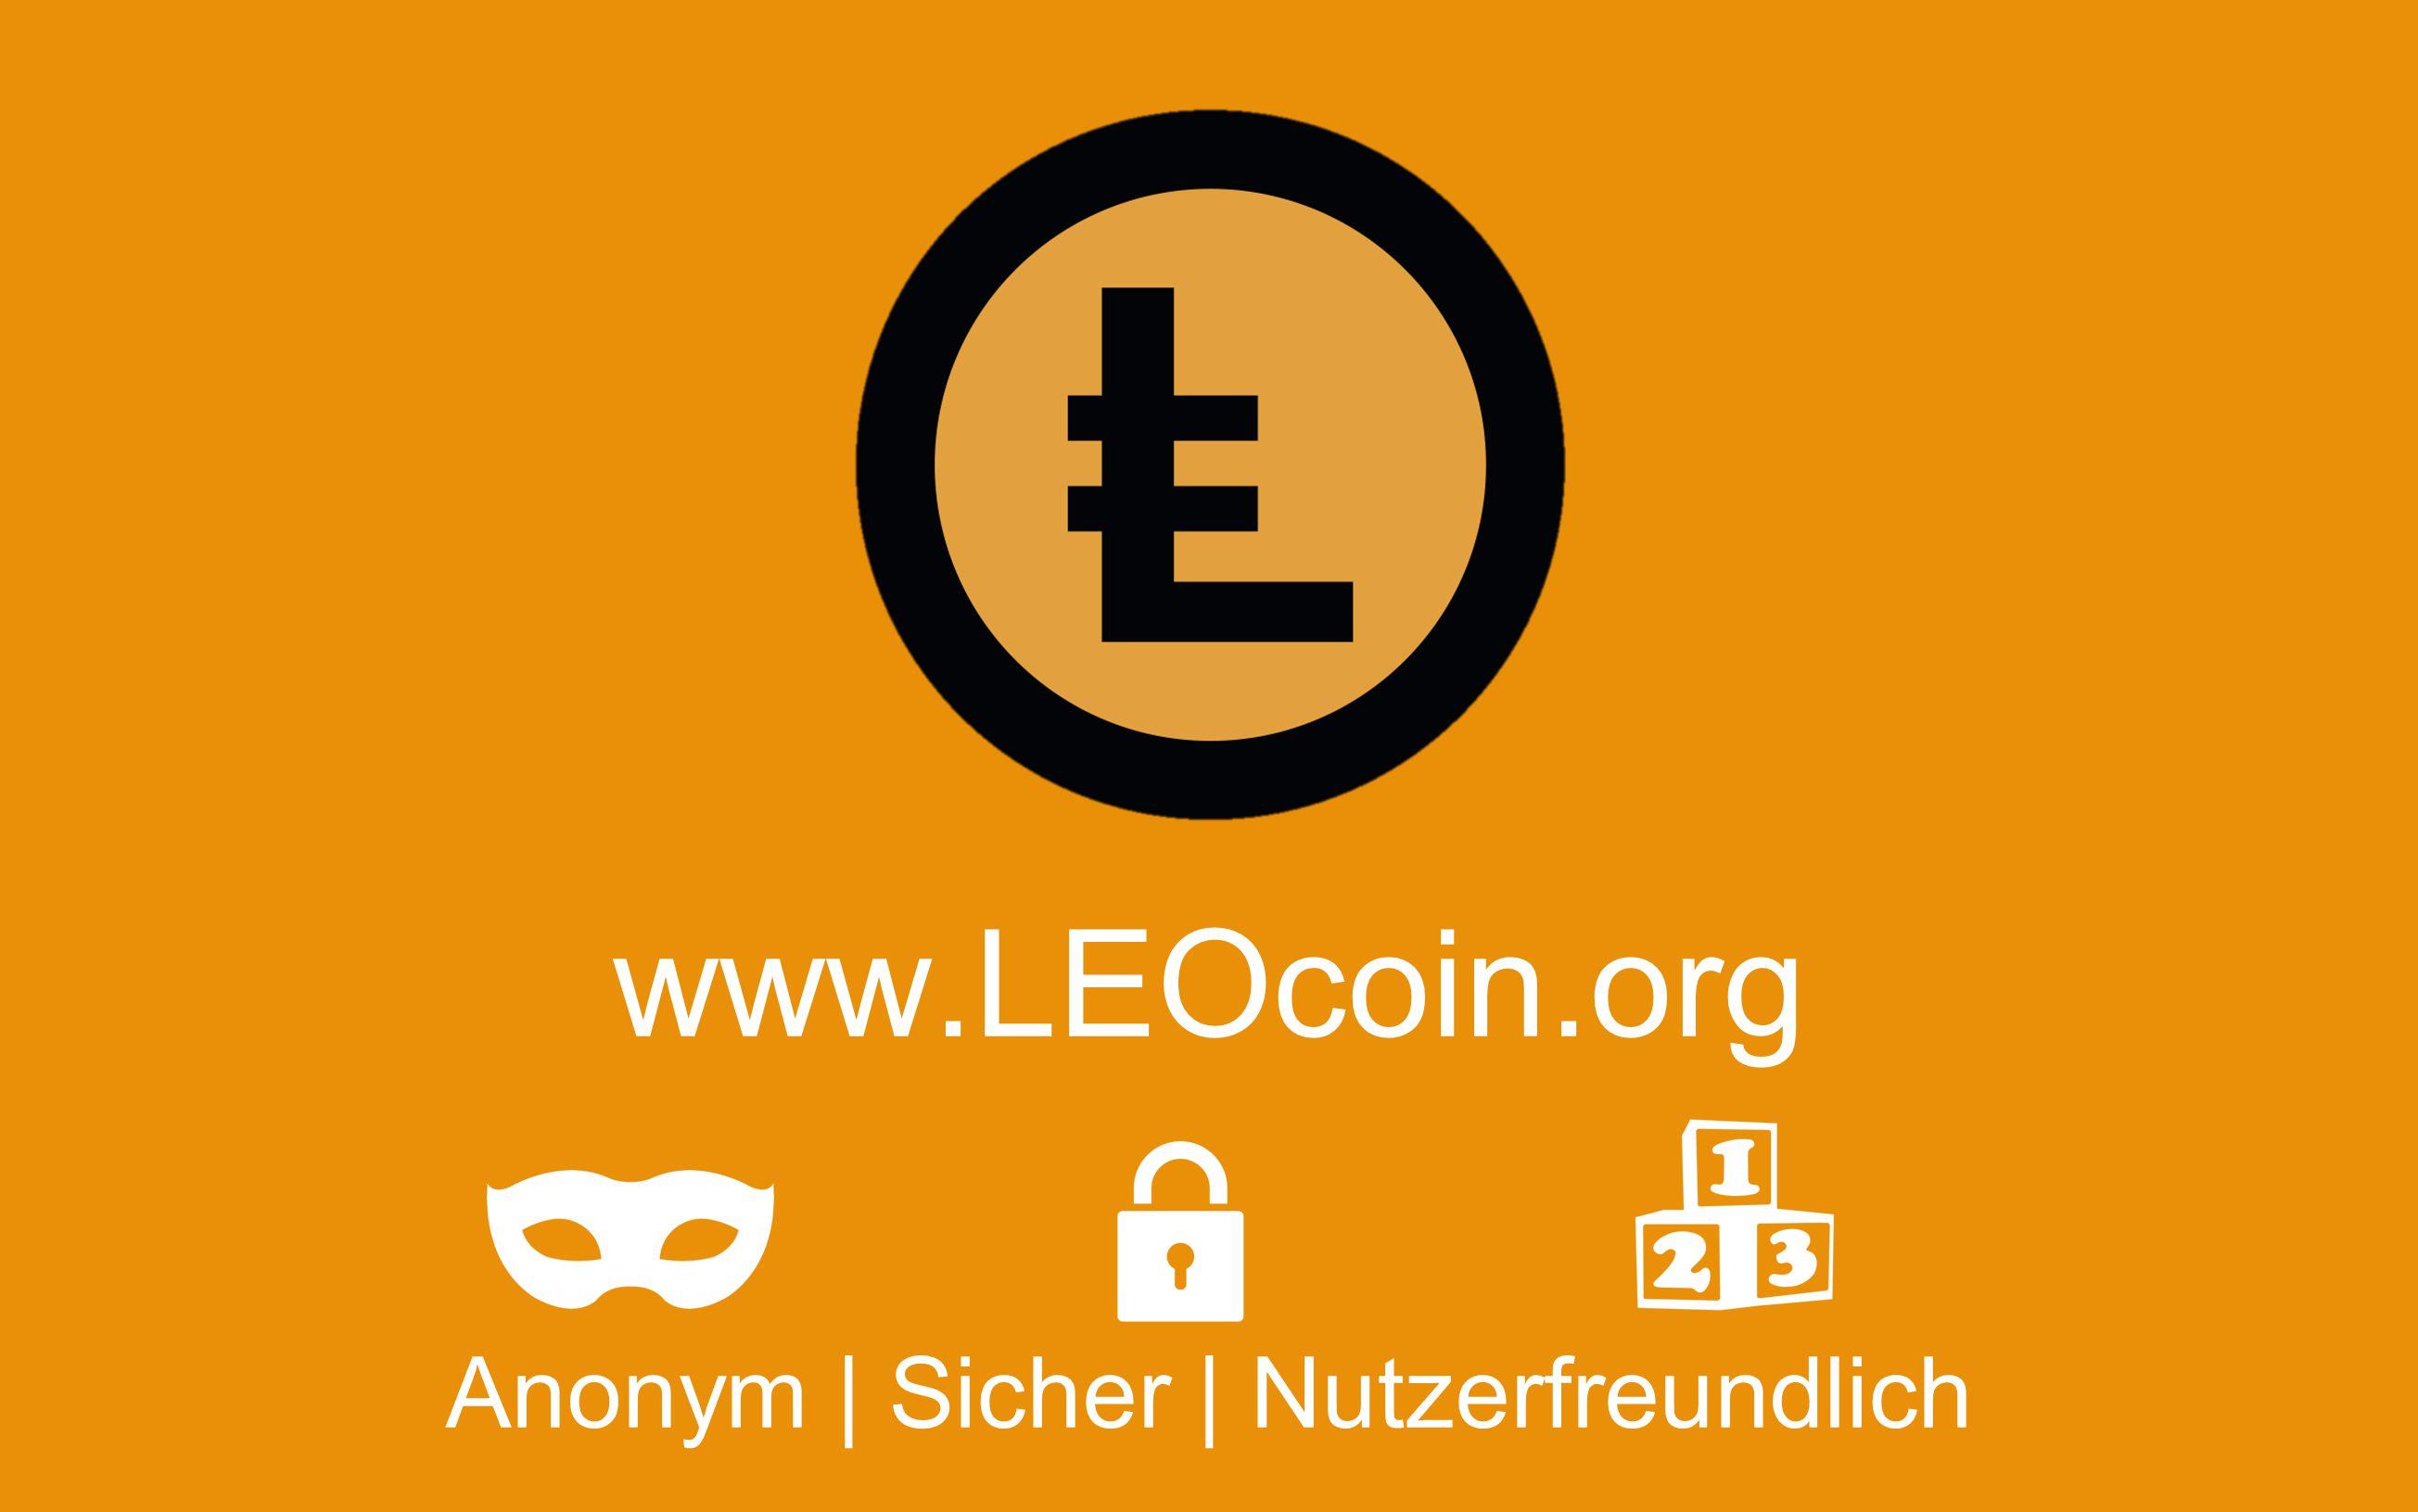 Anonym | Sicher | Nutzerfreundlich www.LEOcoin.org